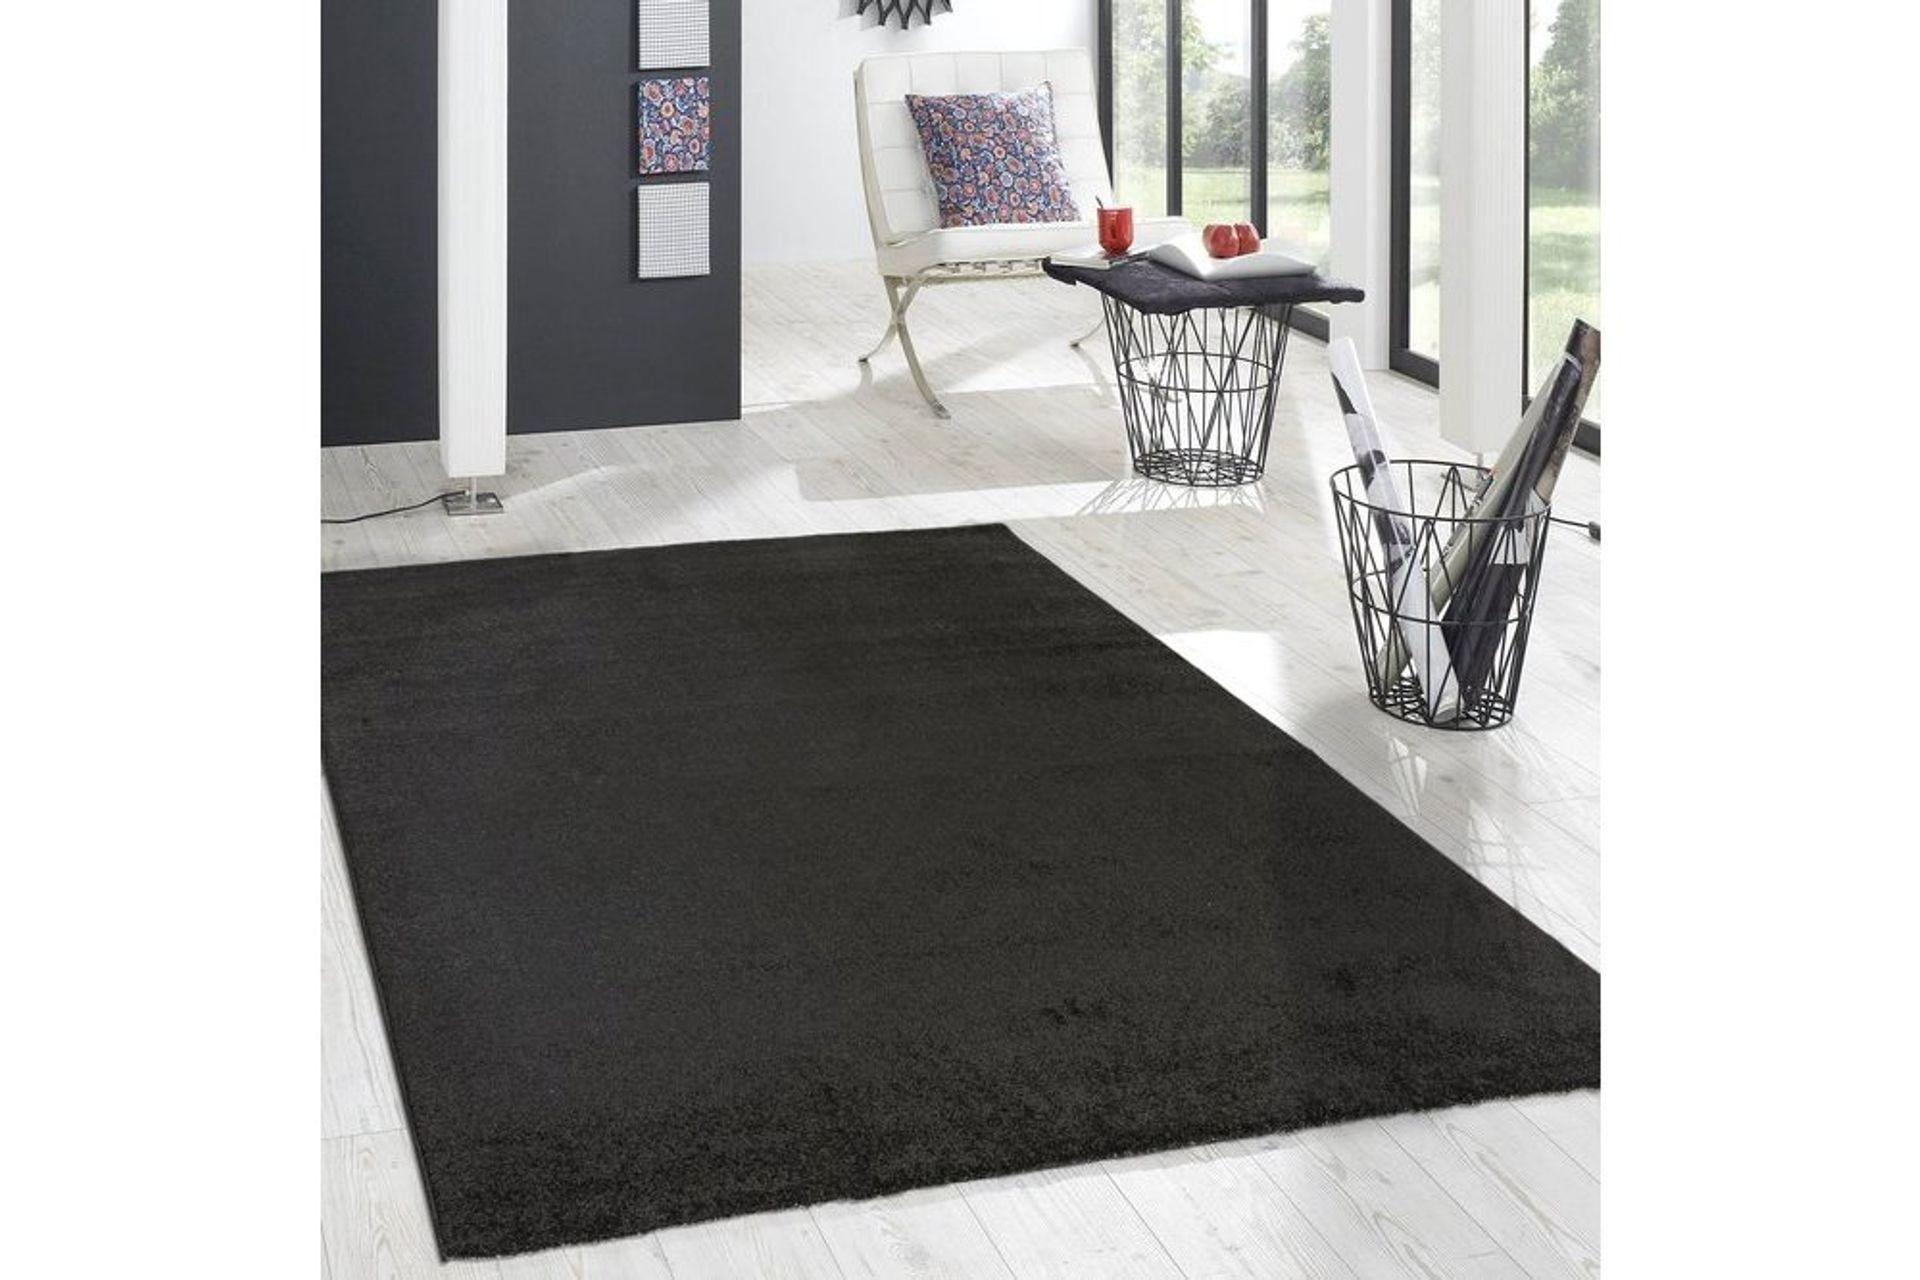 Essence Minimalist Woven Rug, 120 x 170, Black